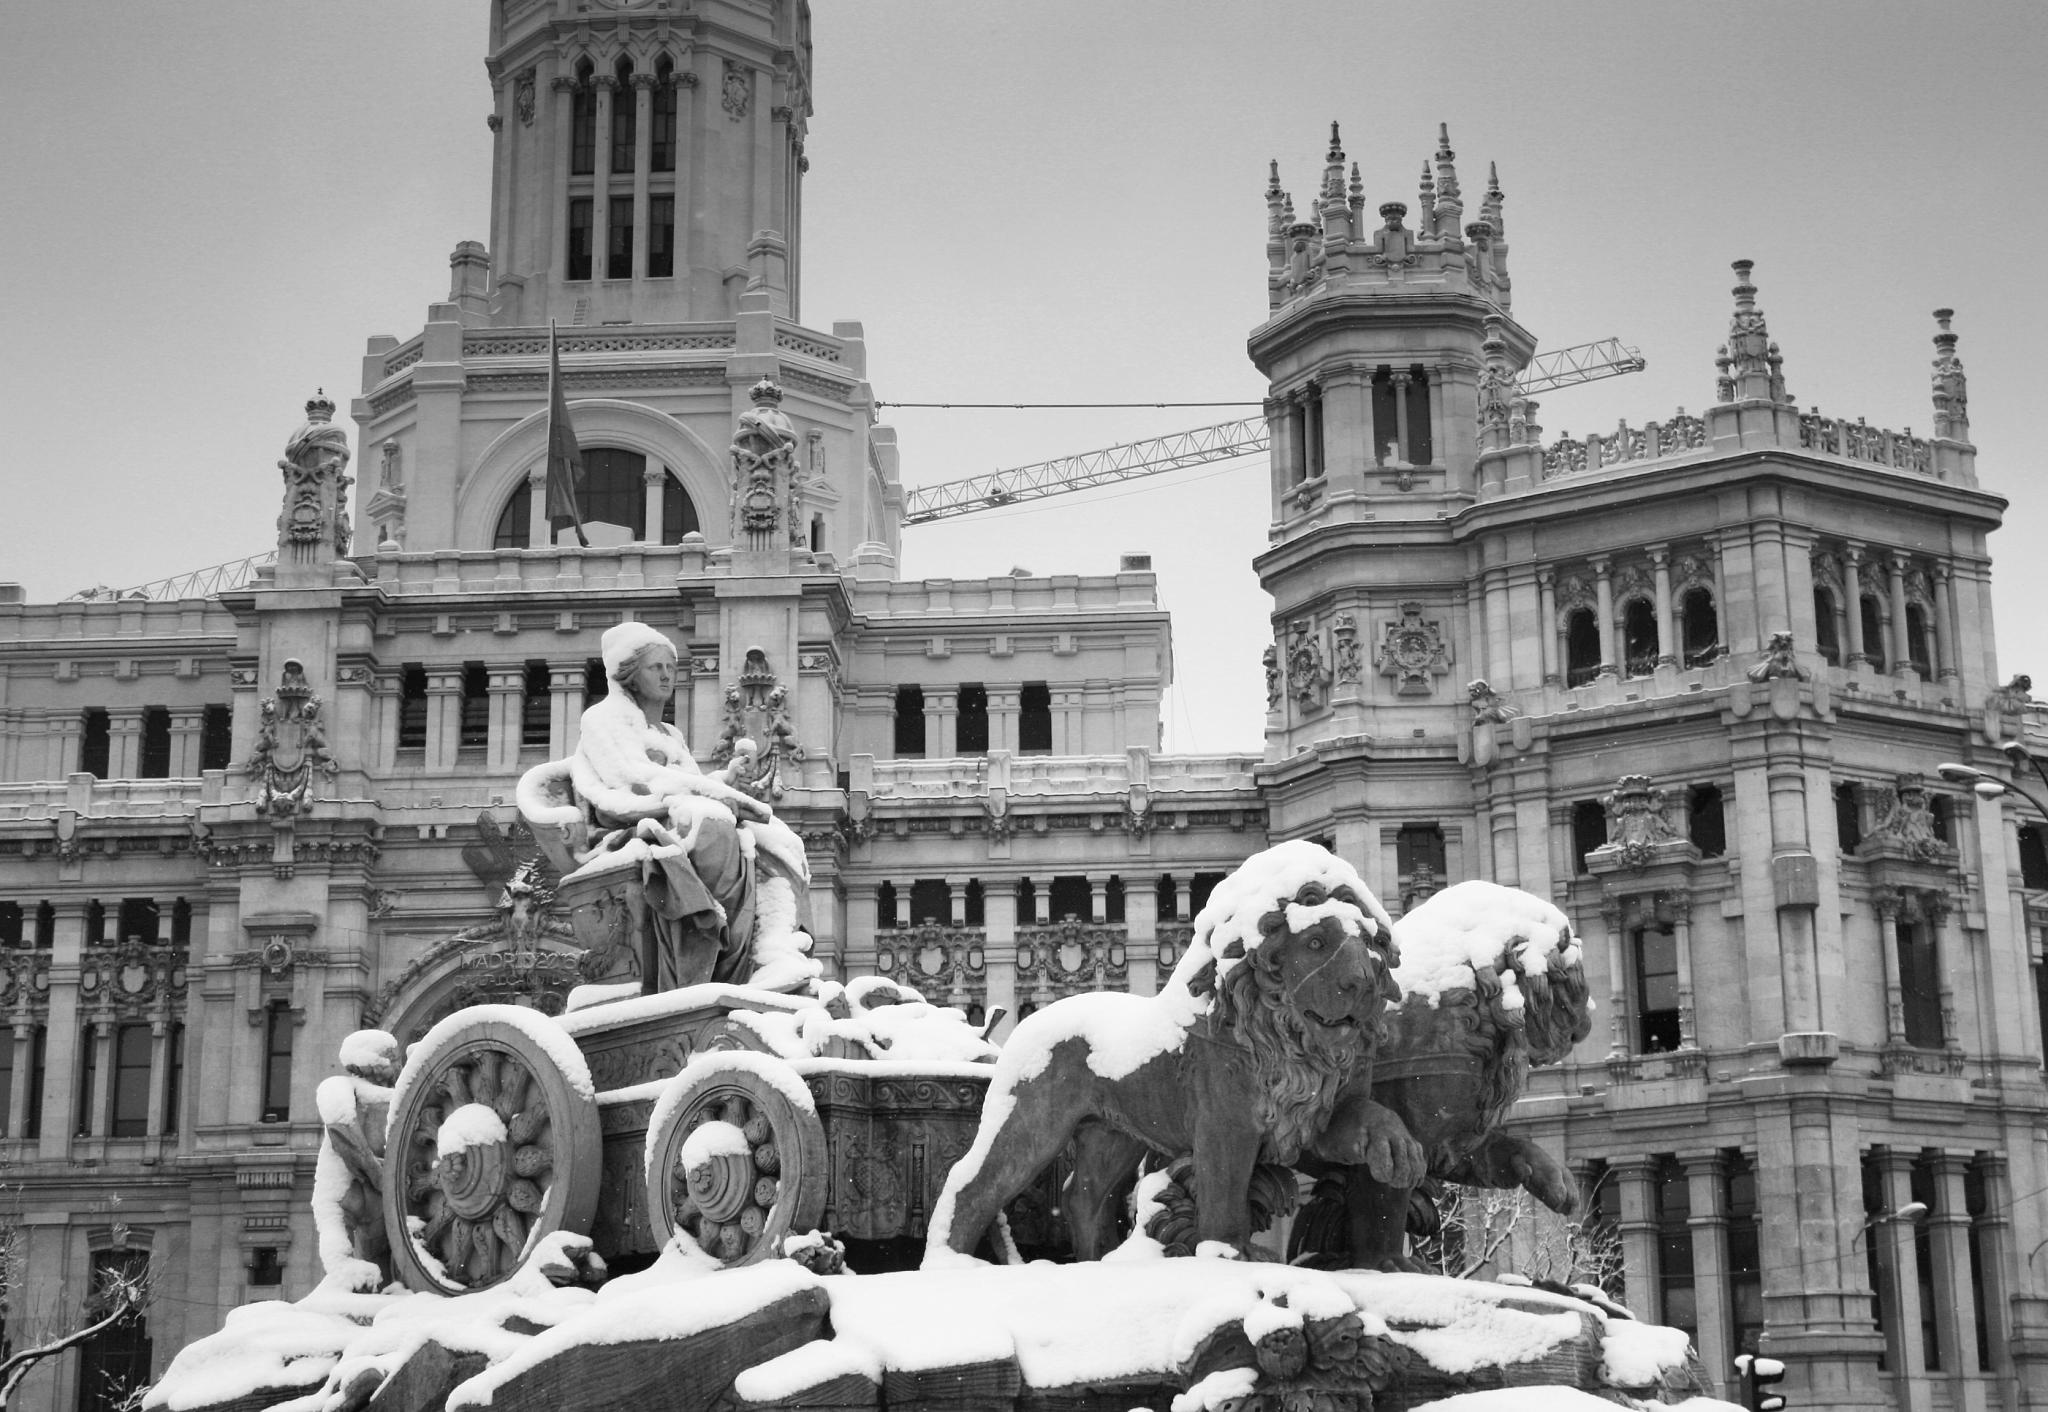 <i>Plaza de Cibeles</i>